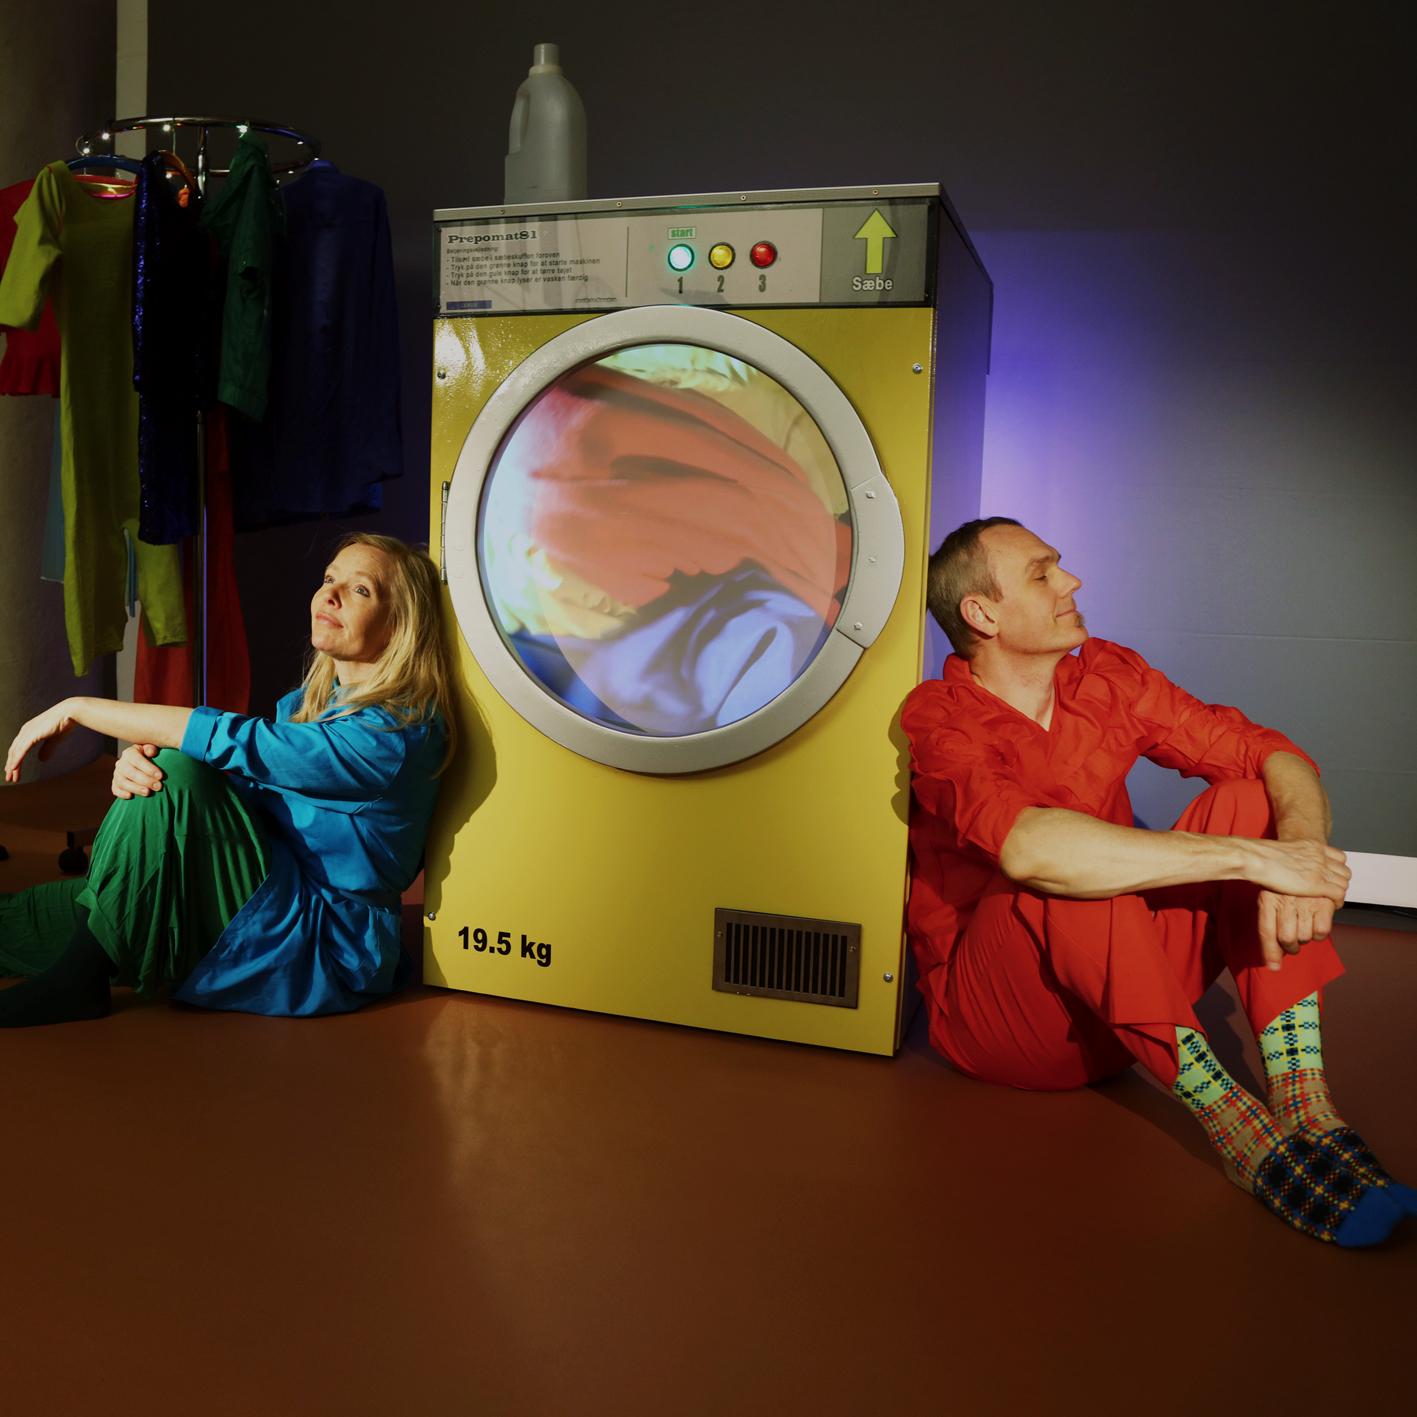 mand og kvinde og en vaskemaskine